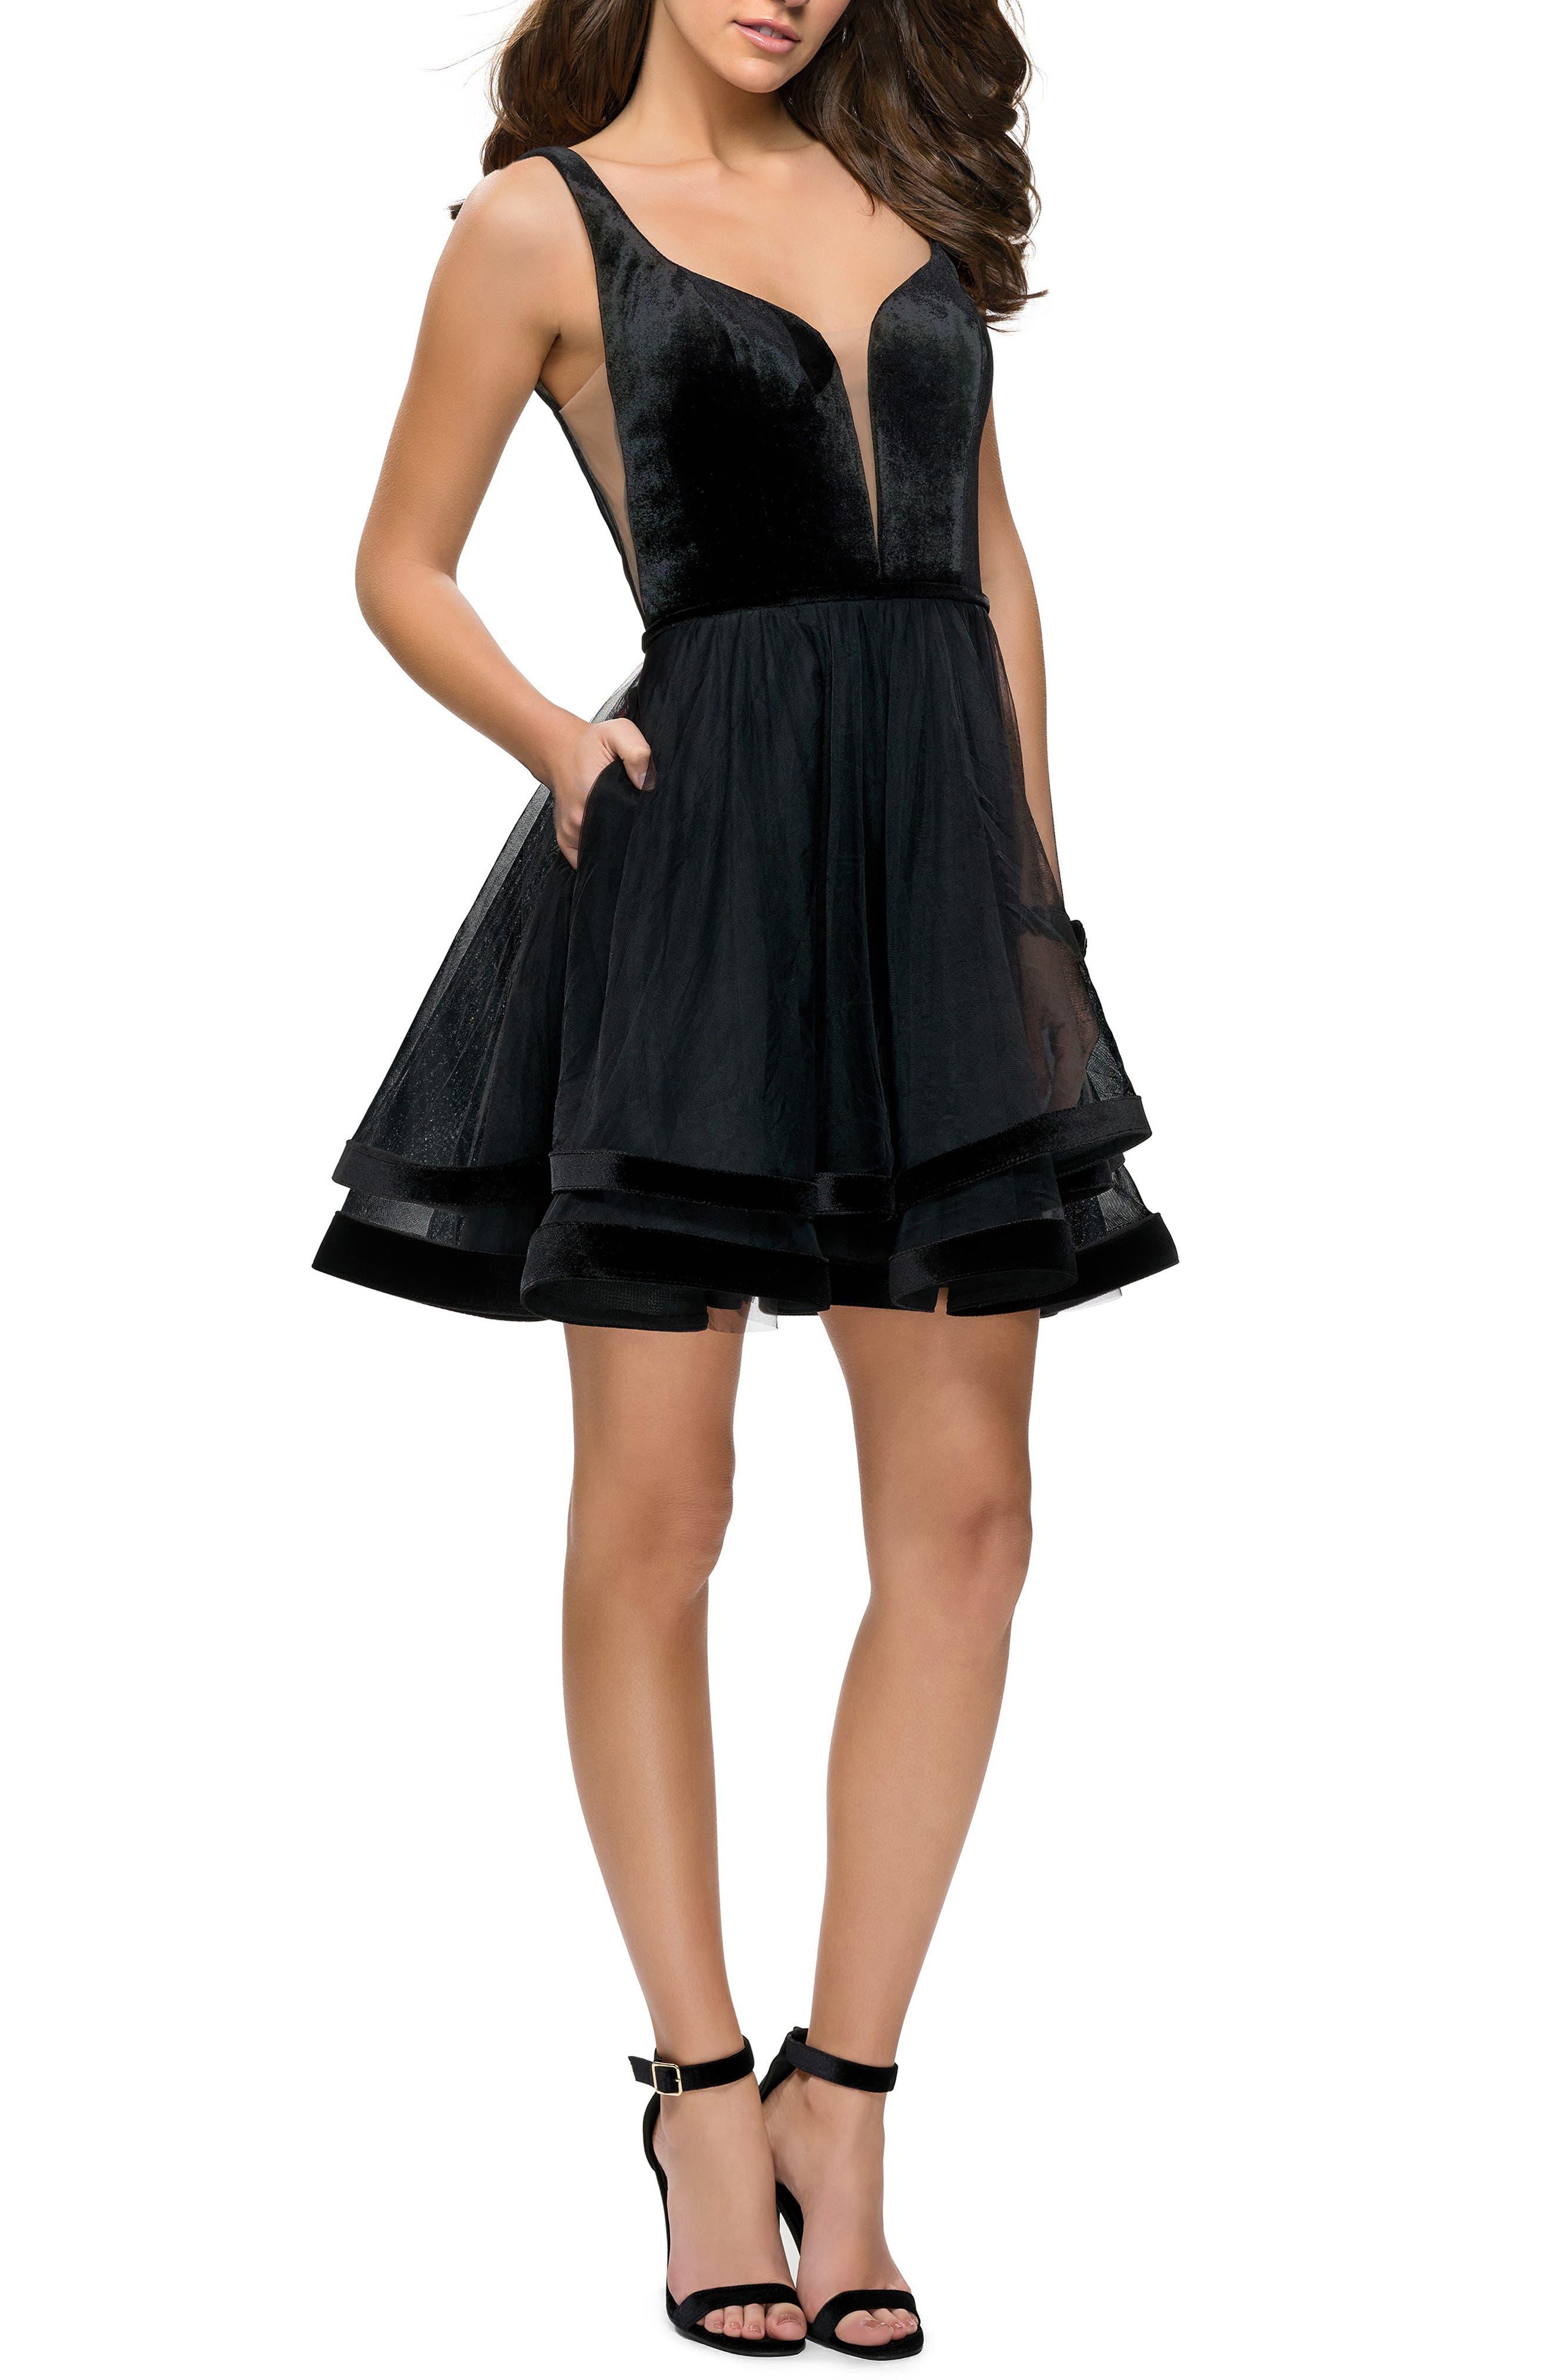 La Femme Velvet & Tulle Party Dress